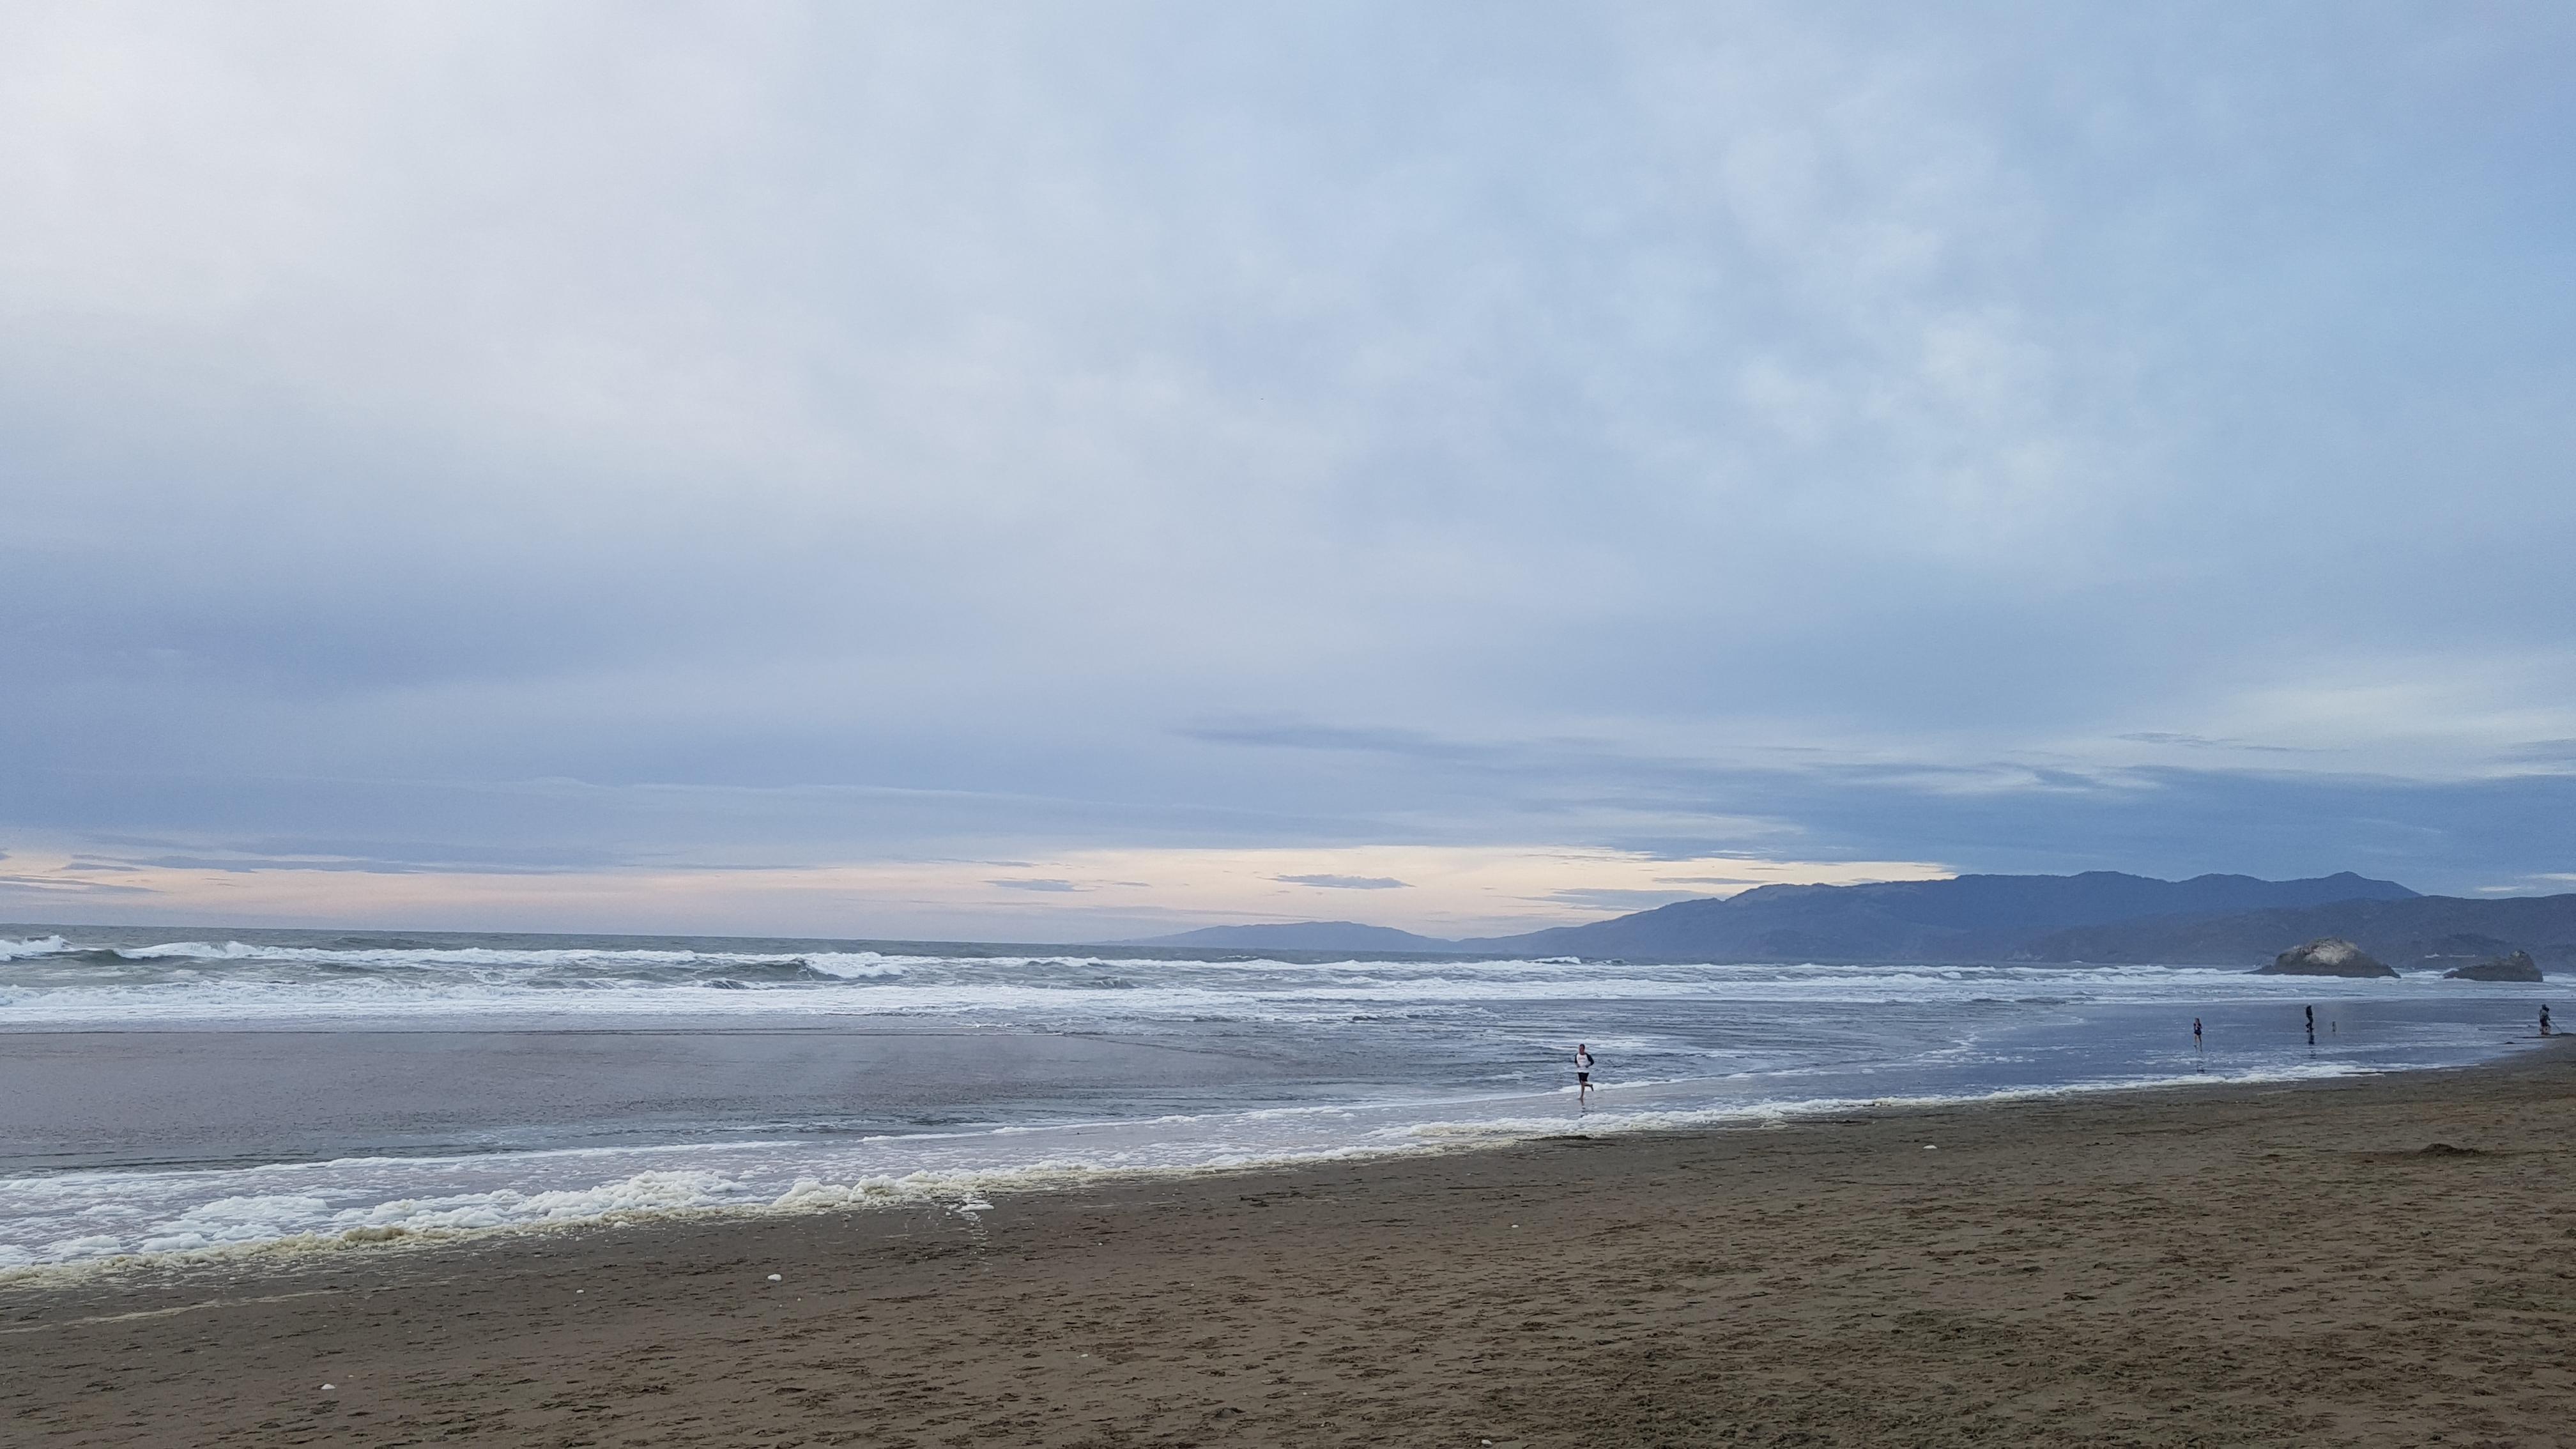 Golden Gate Park, graphity, kite fighting, ocean beach, [샌프란시스코] 오션비치 (Ocean Beach) #1, 계절, 그라데이션, 그라피티, 까마귀무리, 노숙인, 노숙인 천국, 노을, 눈, 뉘엿뉘엿, 바다, 바닷물, 바람, 반사, 부랑자, 산책, 샌프란시스코, 석양, 소금 거품, 연, 연 날리기, 연 싸움, 염분 거품, 오션 비치, 운동, 일몰, 조깅, 질감, 특이한 연, 파노라마샷, 파도 거품, 평화로움, 하늘, 하이에나, 해, 흙, 흙무더기